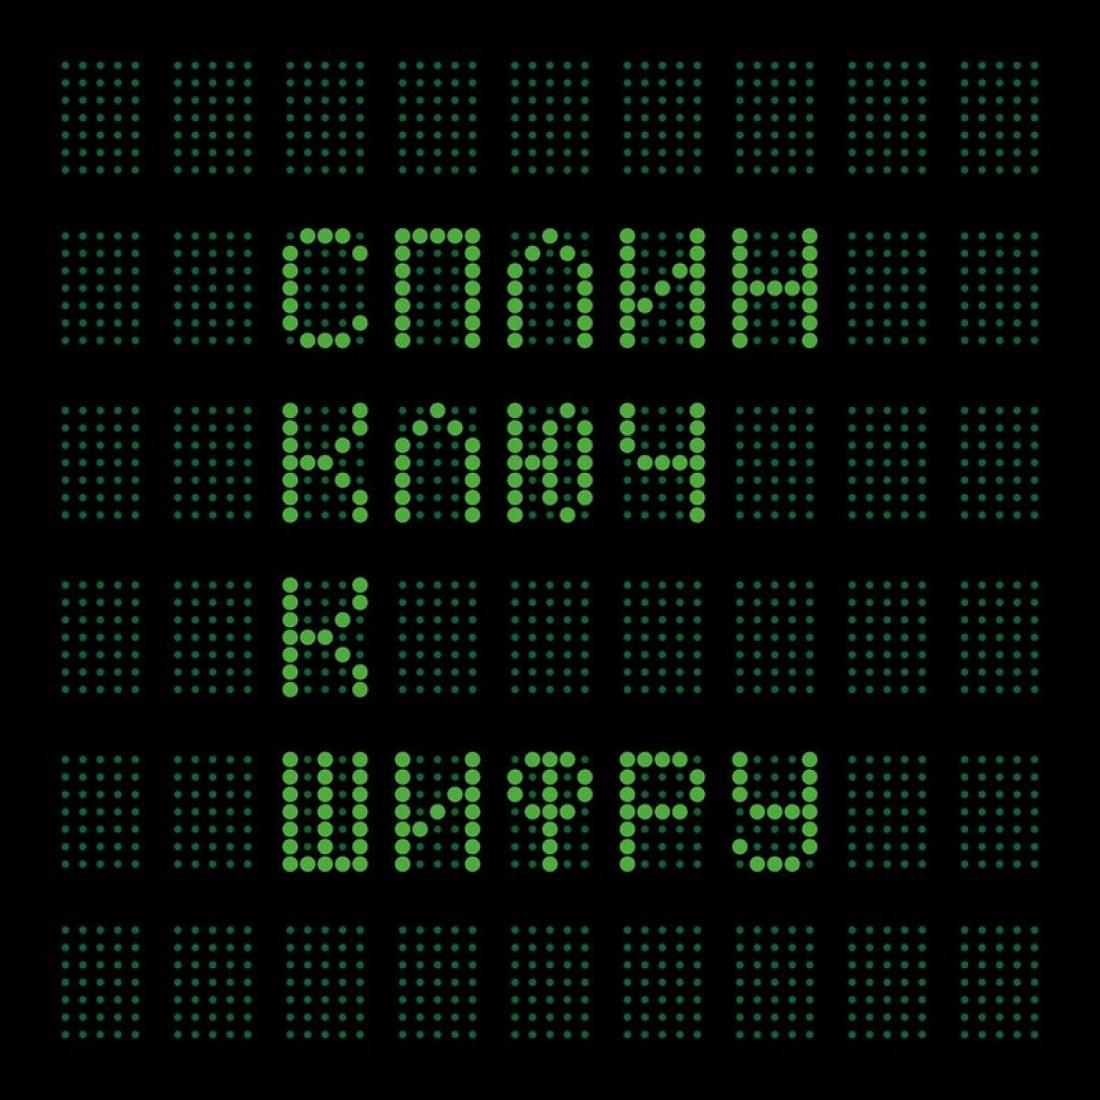 «Сплин» выпустила новый альбом «Ключ кшифру»